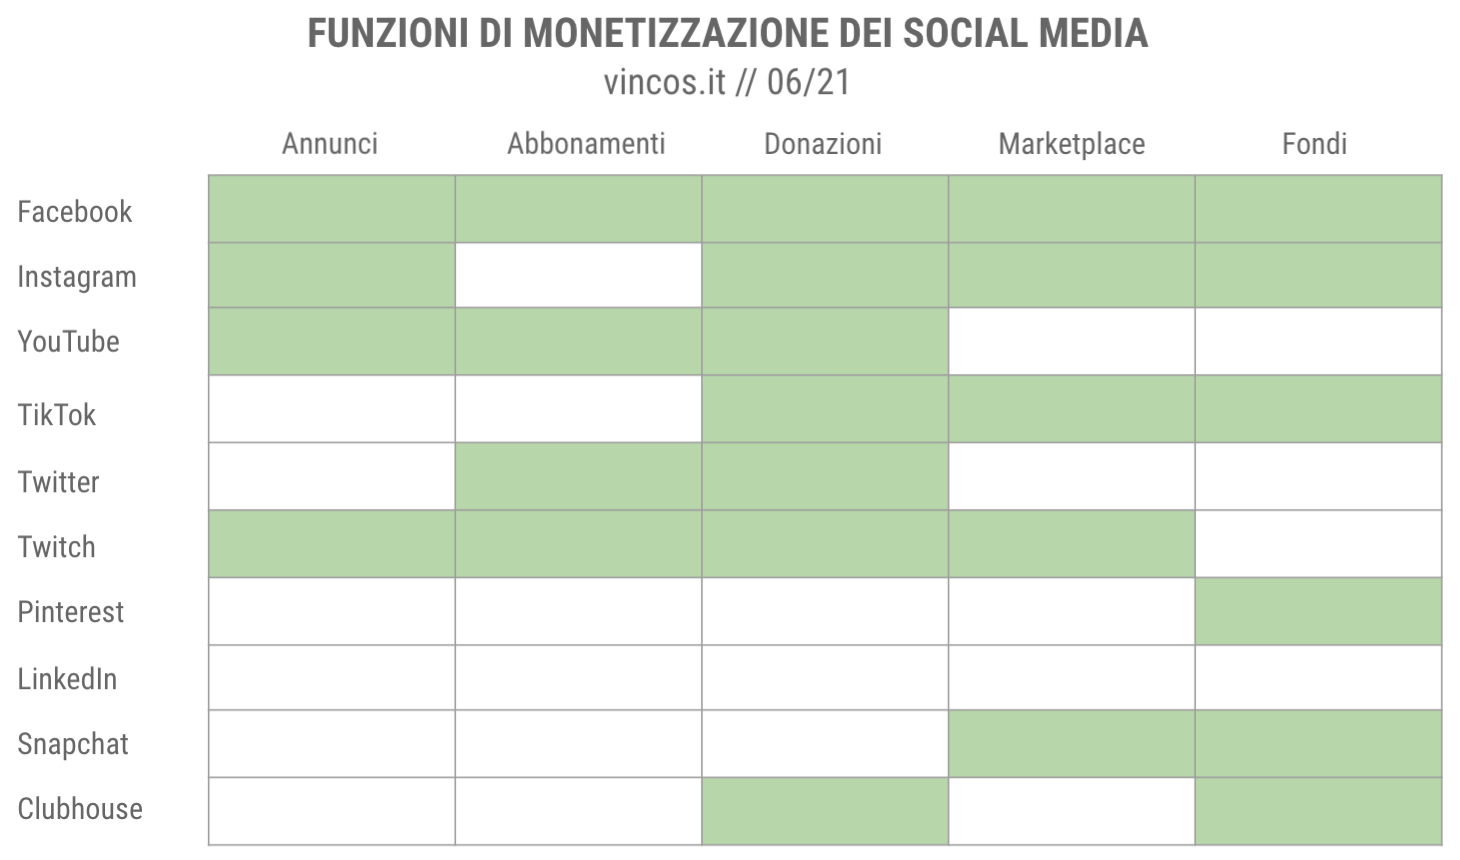 funzioni di monetizzazione social media